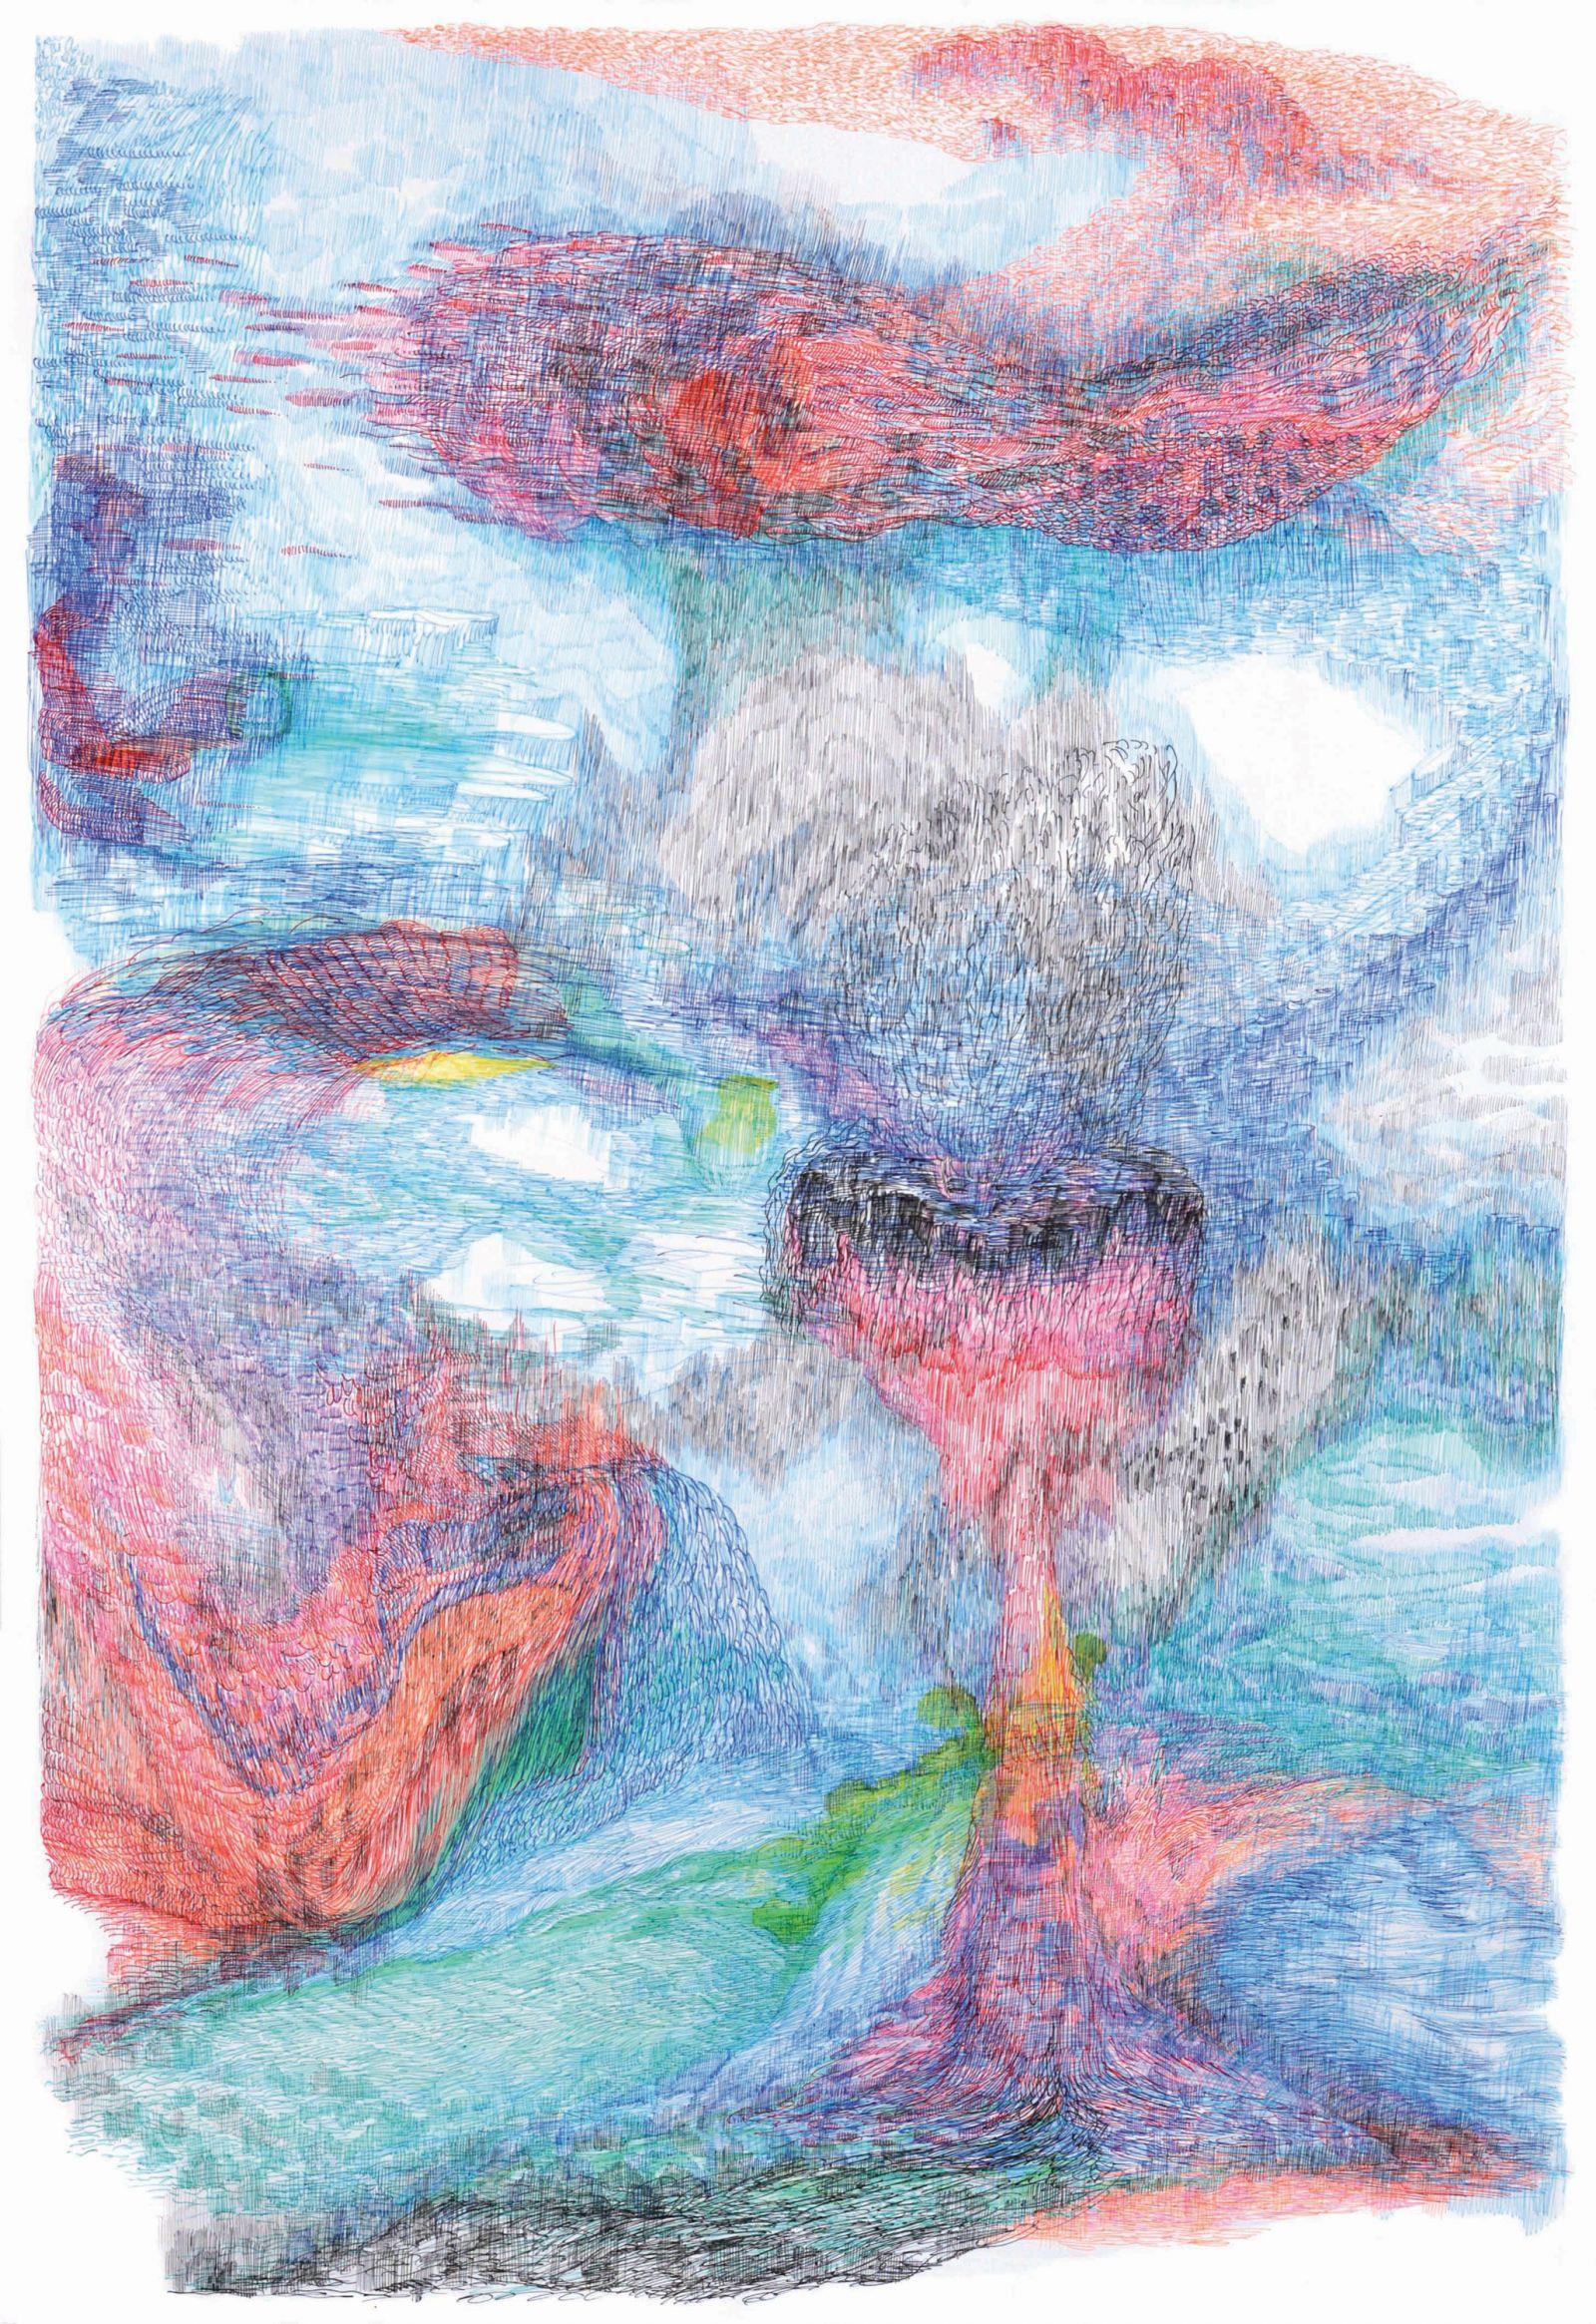 armelle-de-sainte-marie-virements-2013-feutre-sur-papier-110x75cm-04bd8e907edf8d495fddfc071da9f809